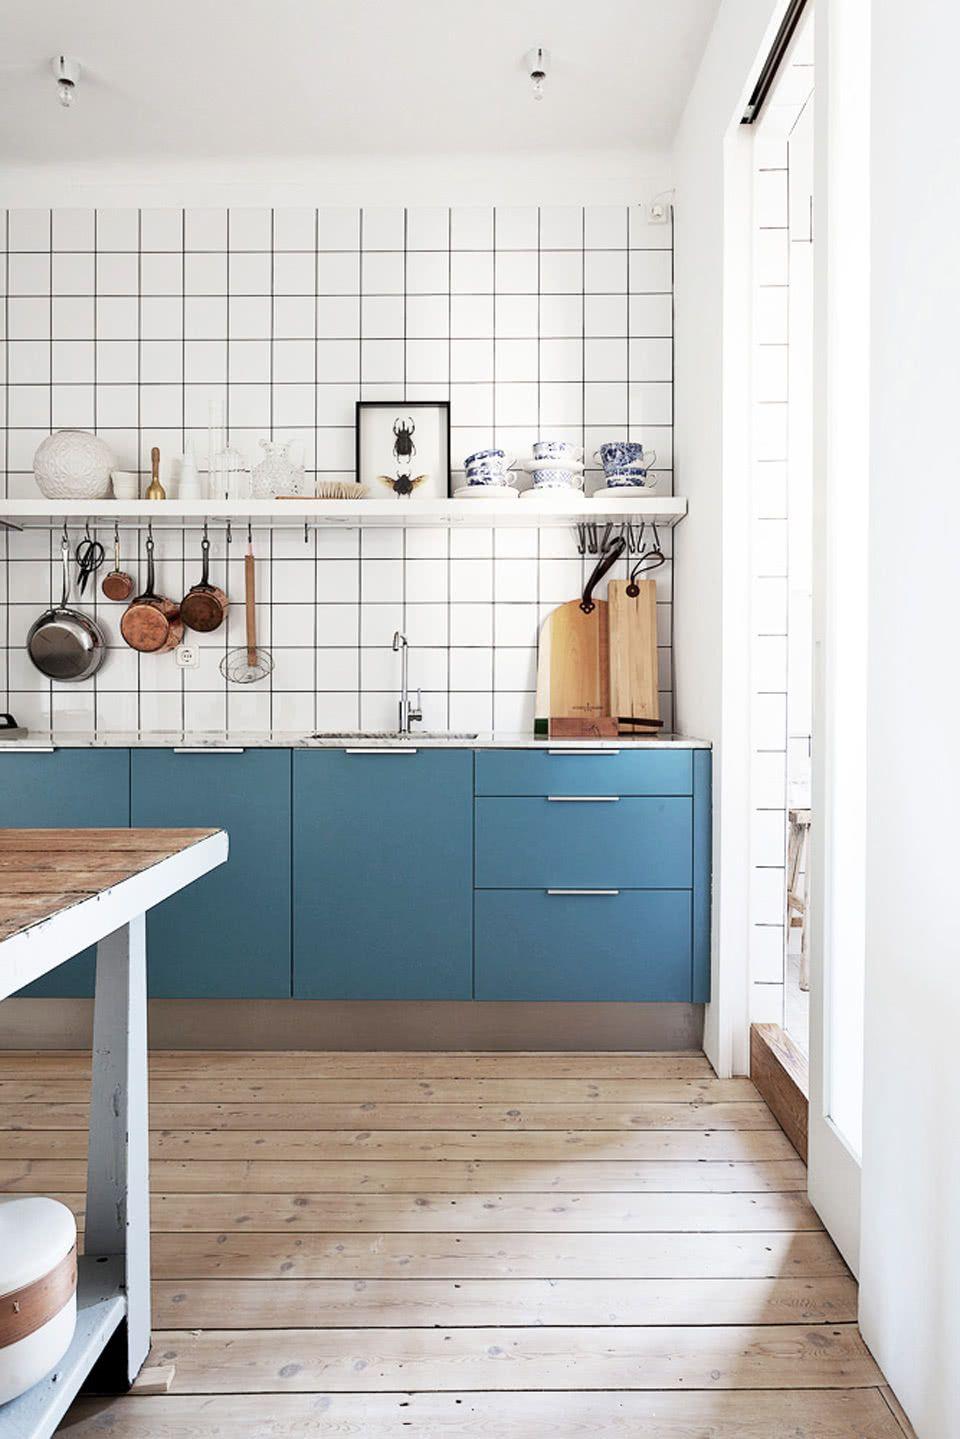 O azul petróleo é um bom tom para quem quer uma cozinha azul neutra